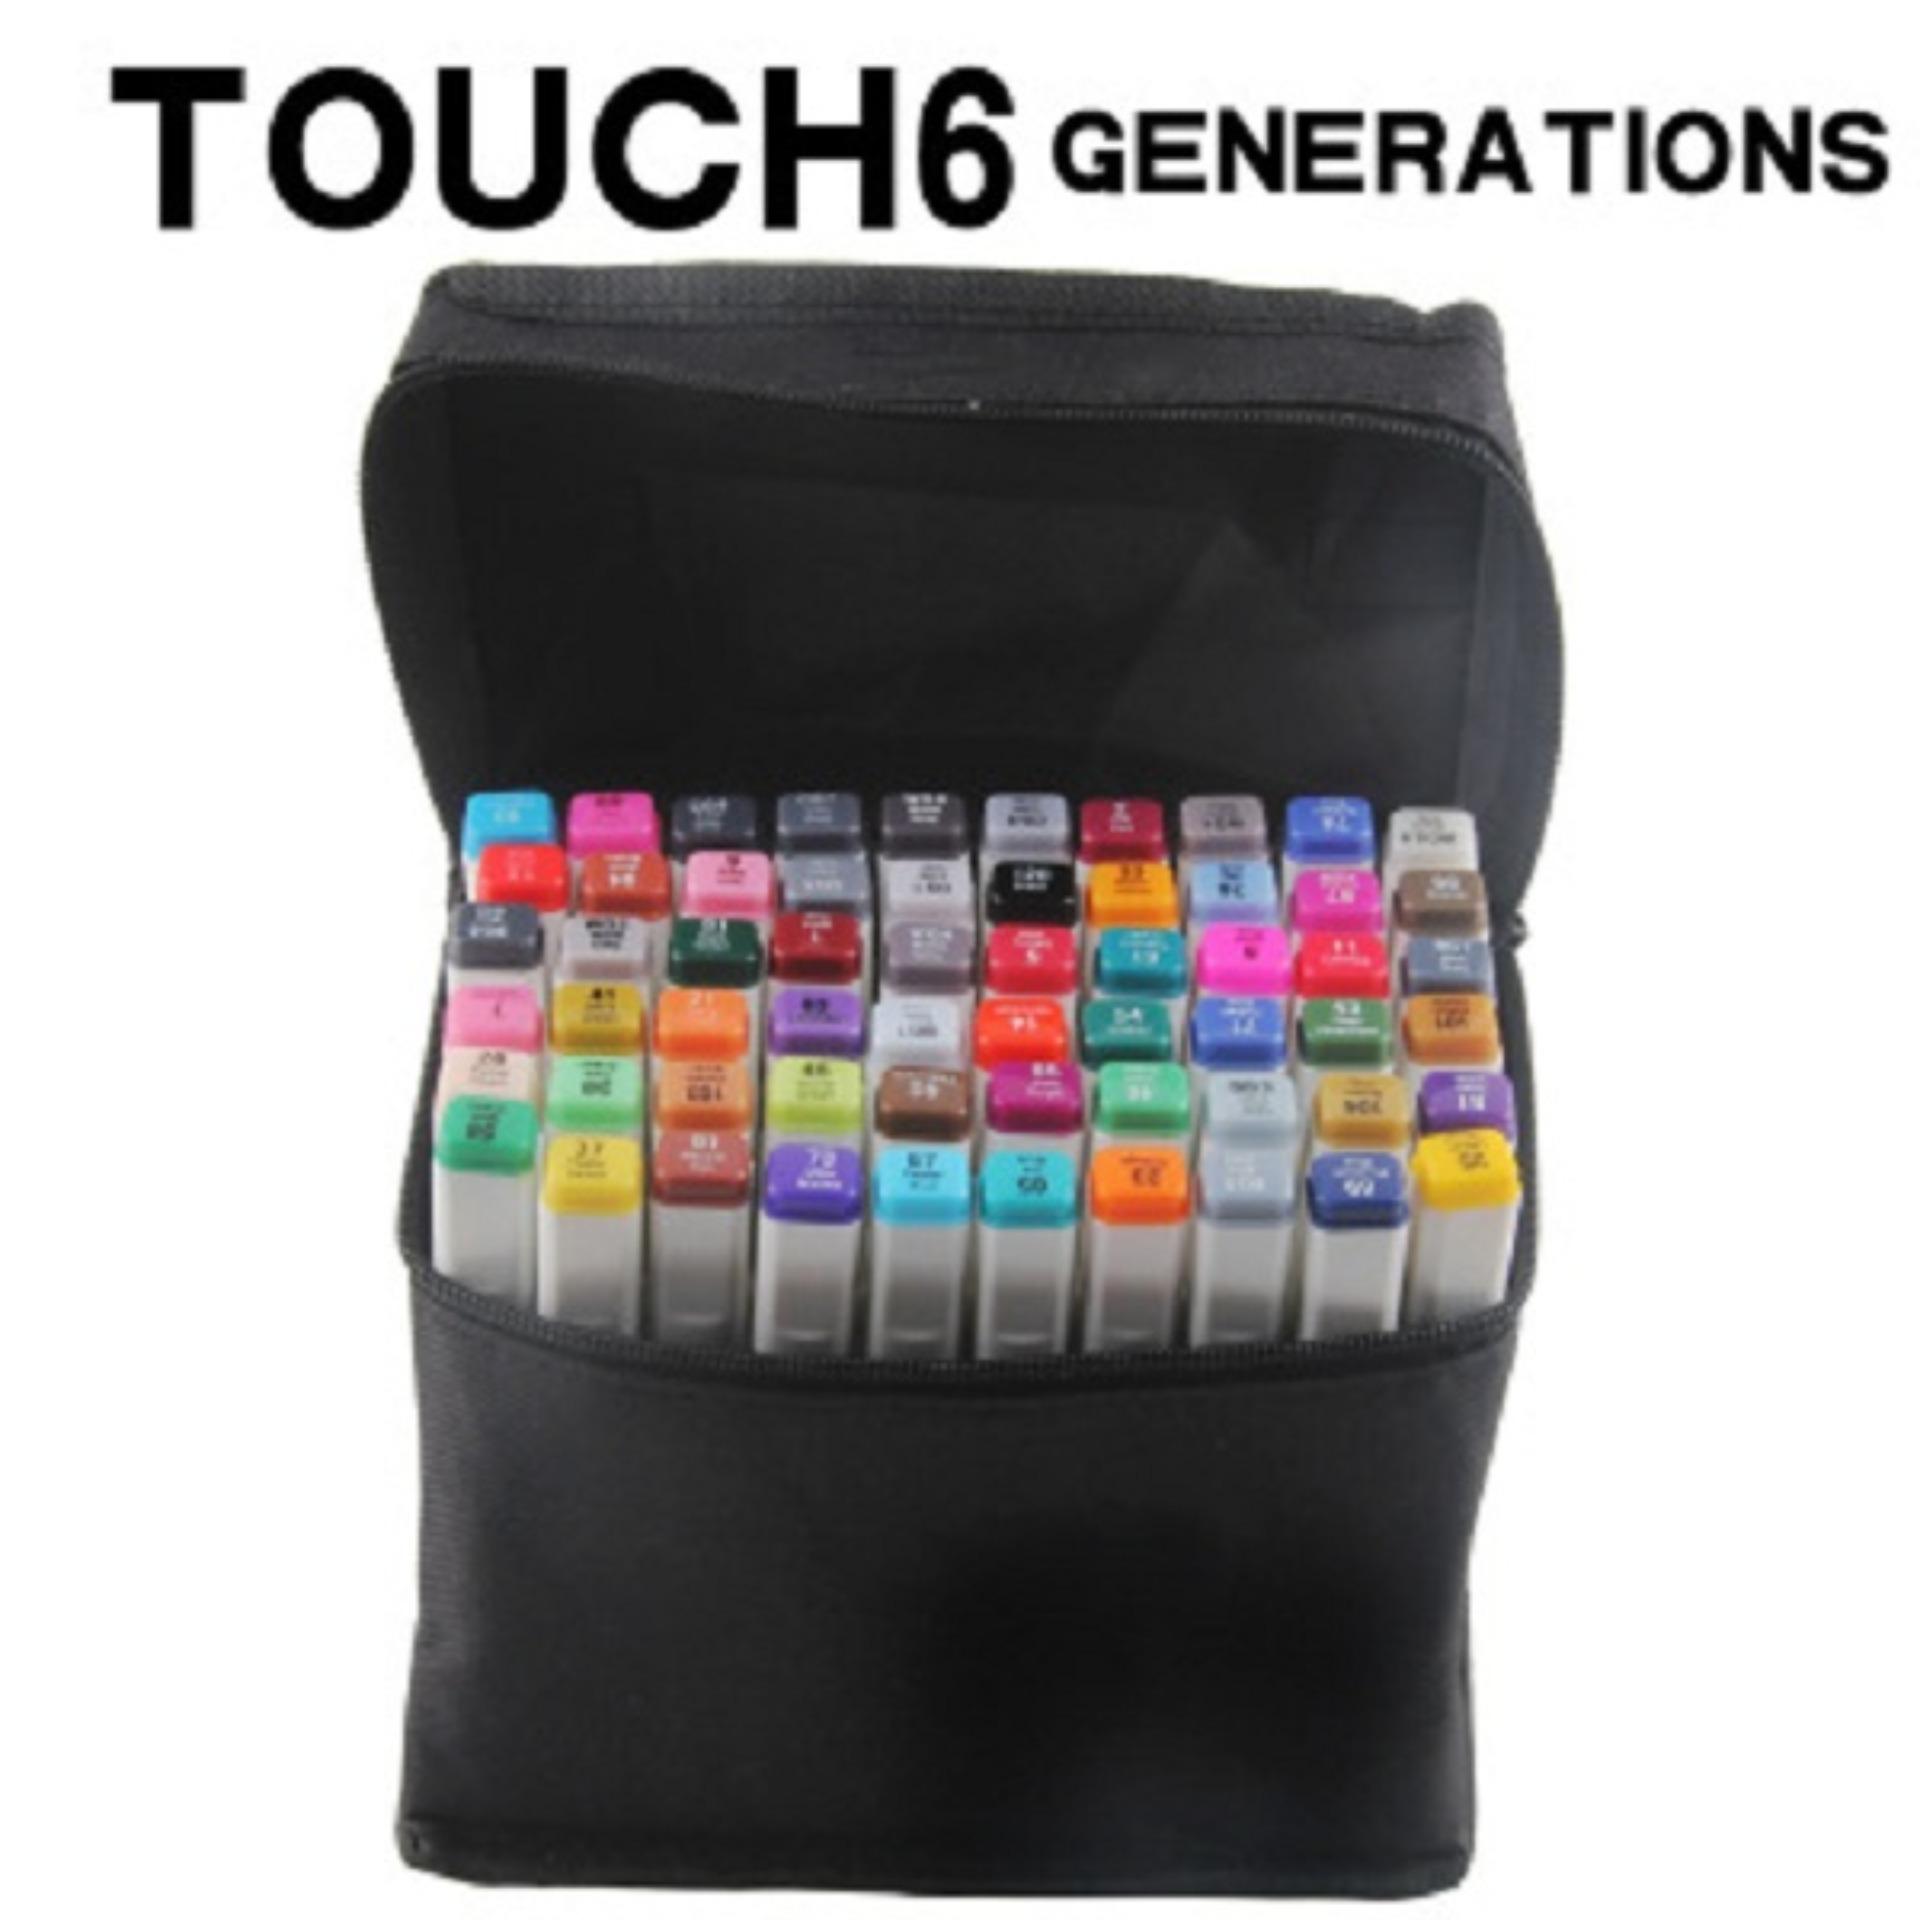 Voucher Khuyến Mại Bộ 30 Bút Màu Marker Touchliit 6 Chất Liệu Nhựa An Toàn, Màu Lên Tươi, đầu Bút Tô êm Và Mịn.